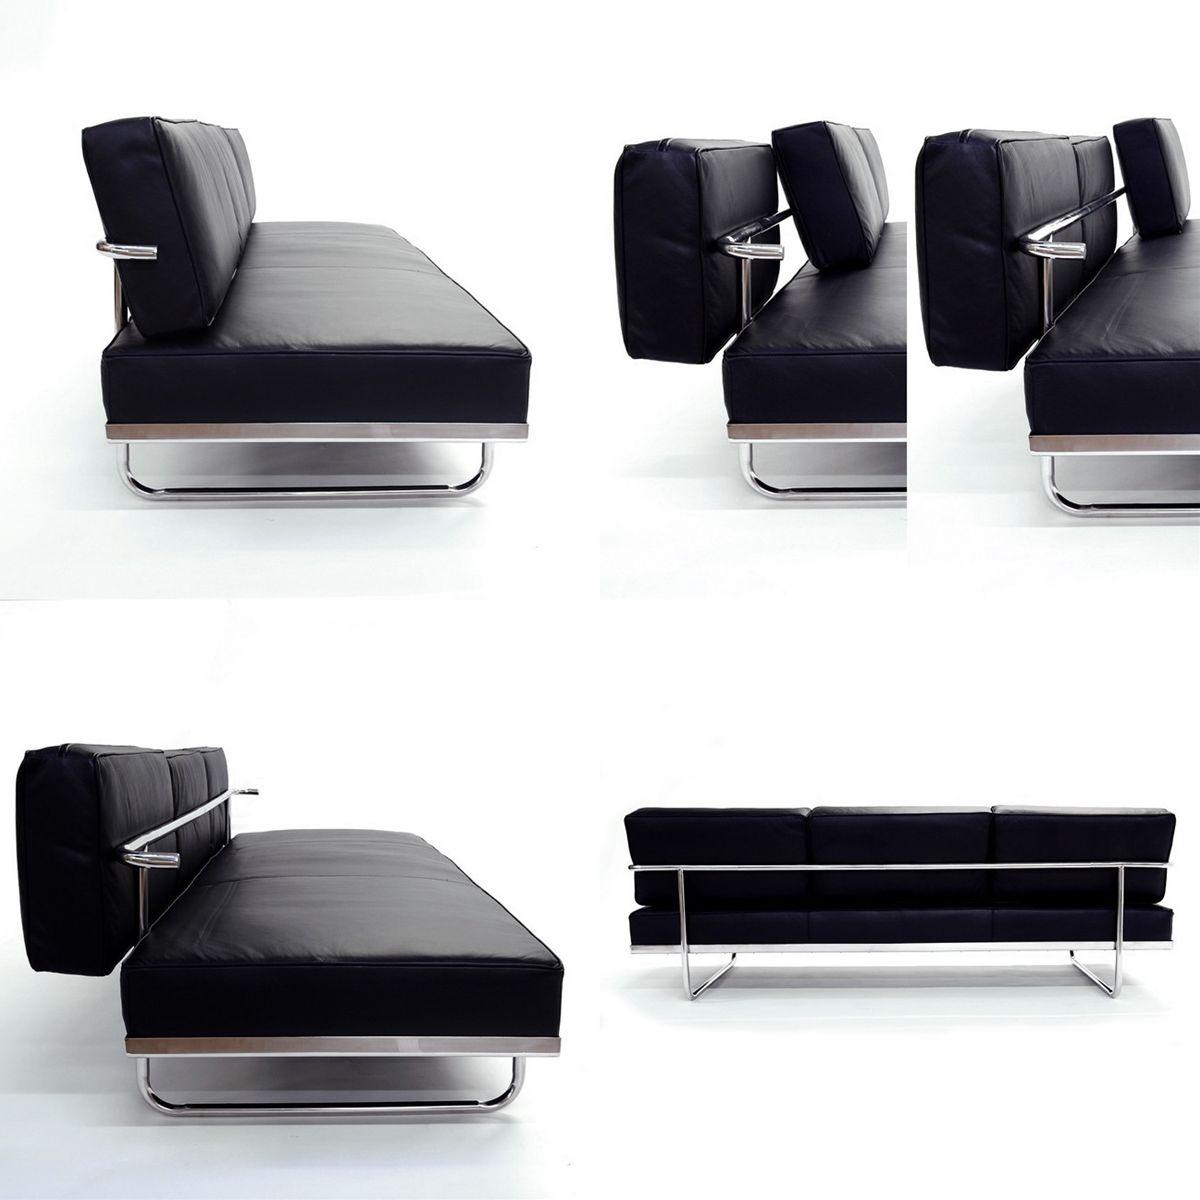 le corbusier sofa bed le corbusier style lc5 sofa in